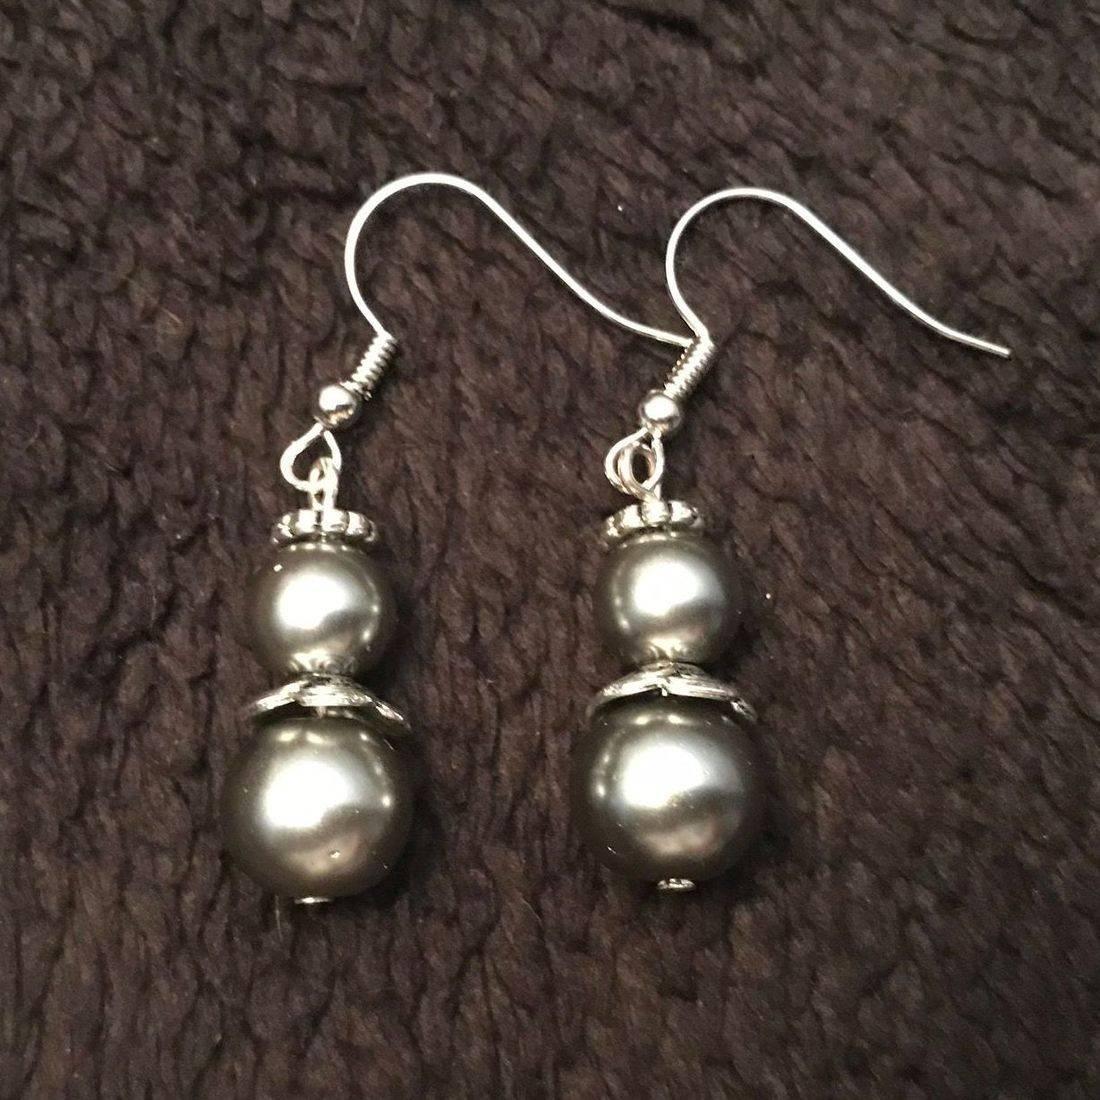 Earrings, Jewelry, Pearl